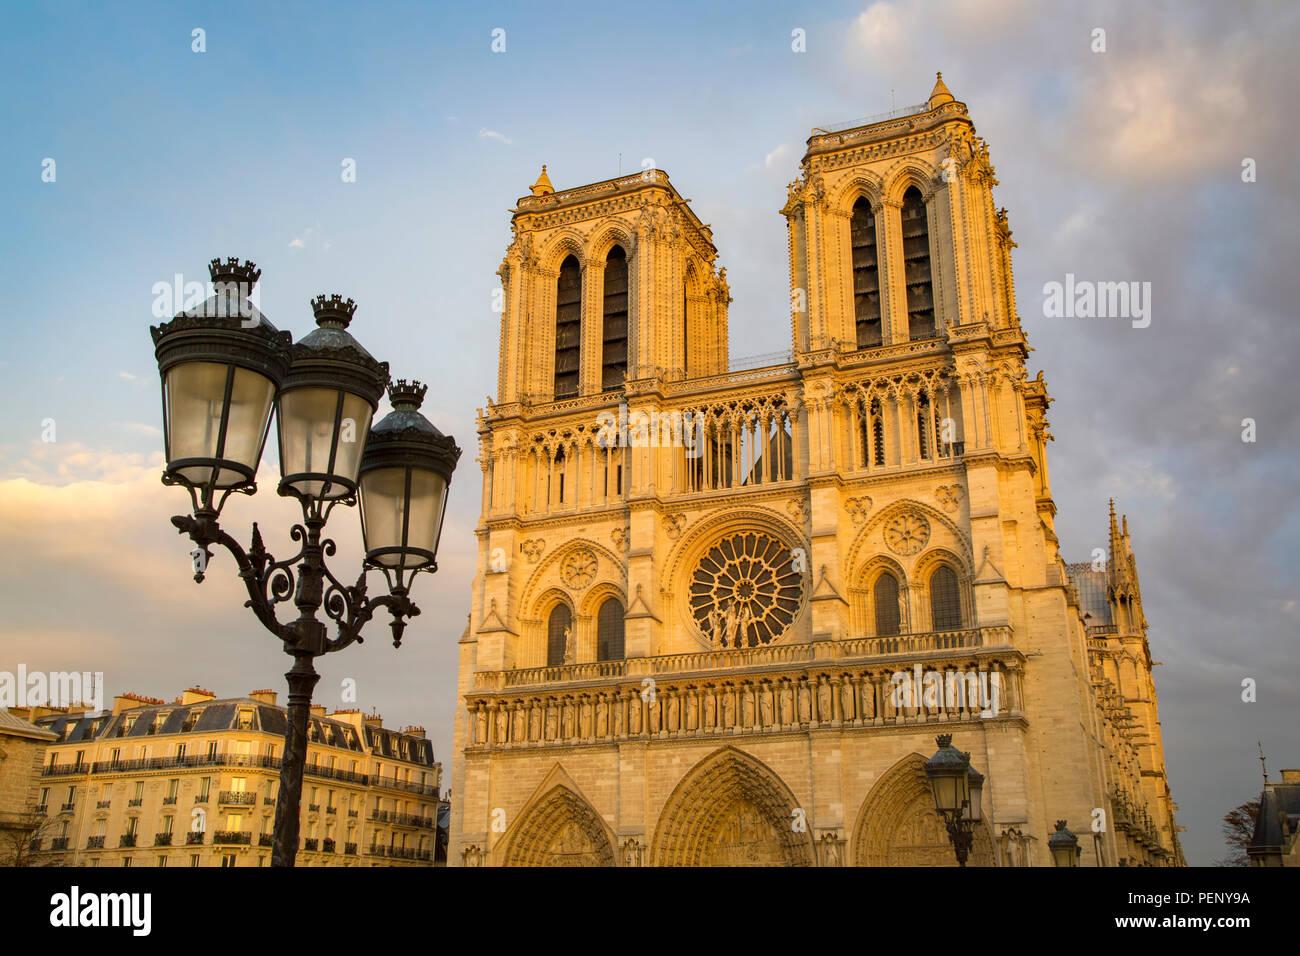 Festlegen von Sonnenlicht auf die Fassade der Kathedrale Notre Dame, Paris, Frankreich Stockbild